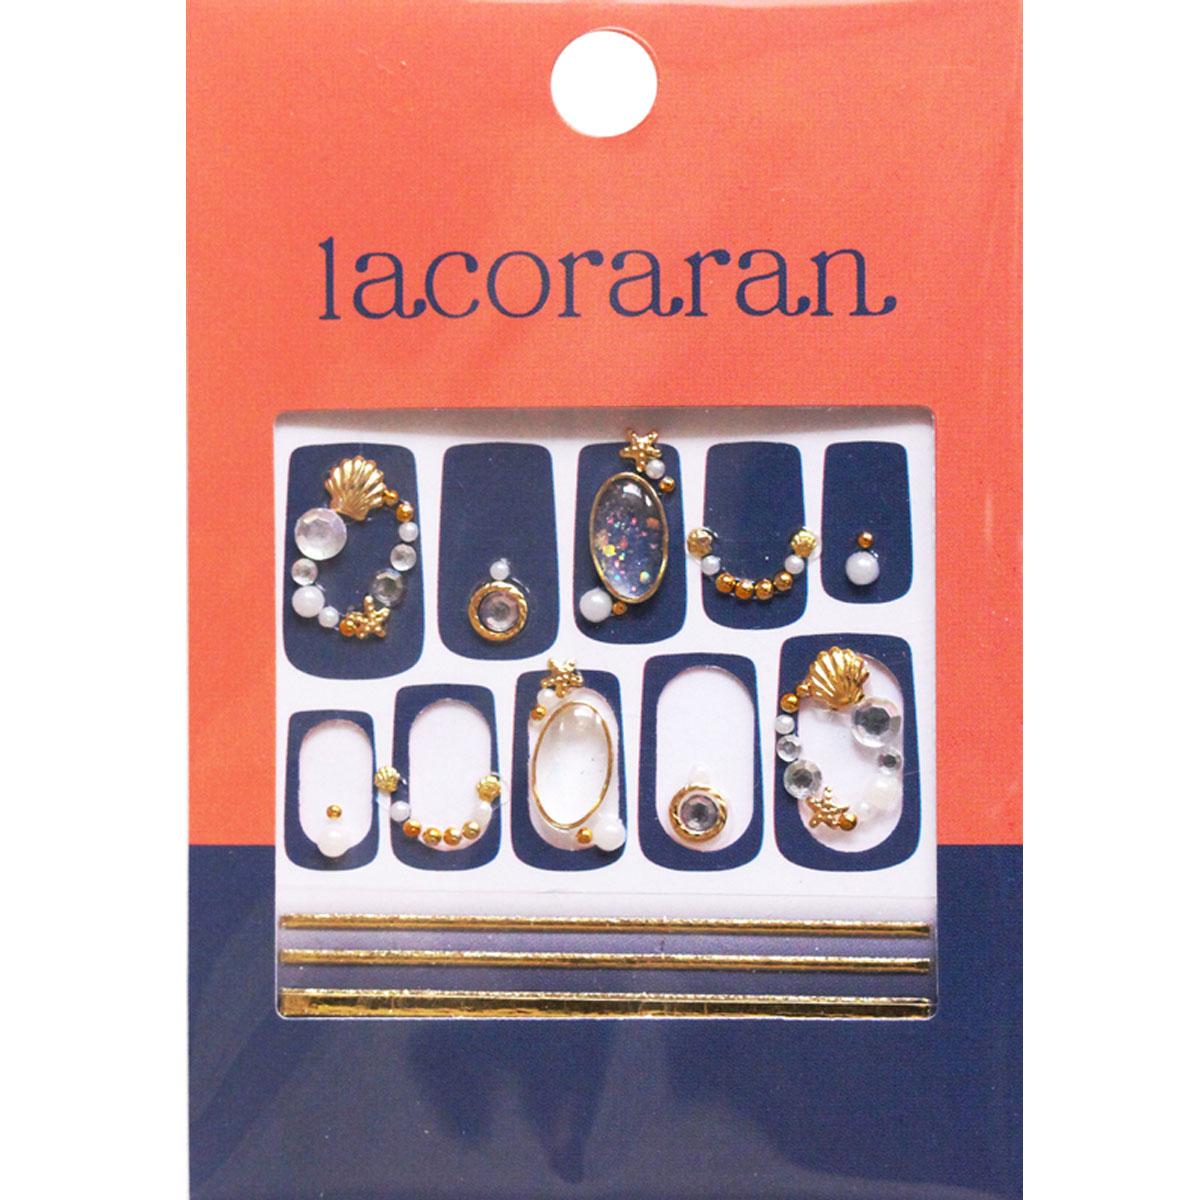 ラコララン ストーンシール 92 オーロラコースト 夏ネイル 宝石 貝殻 海 ペディキュア ネイルデザイン 簡単 セルフネイル ネイルシール